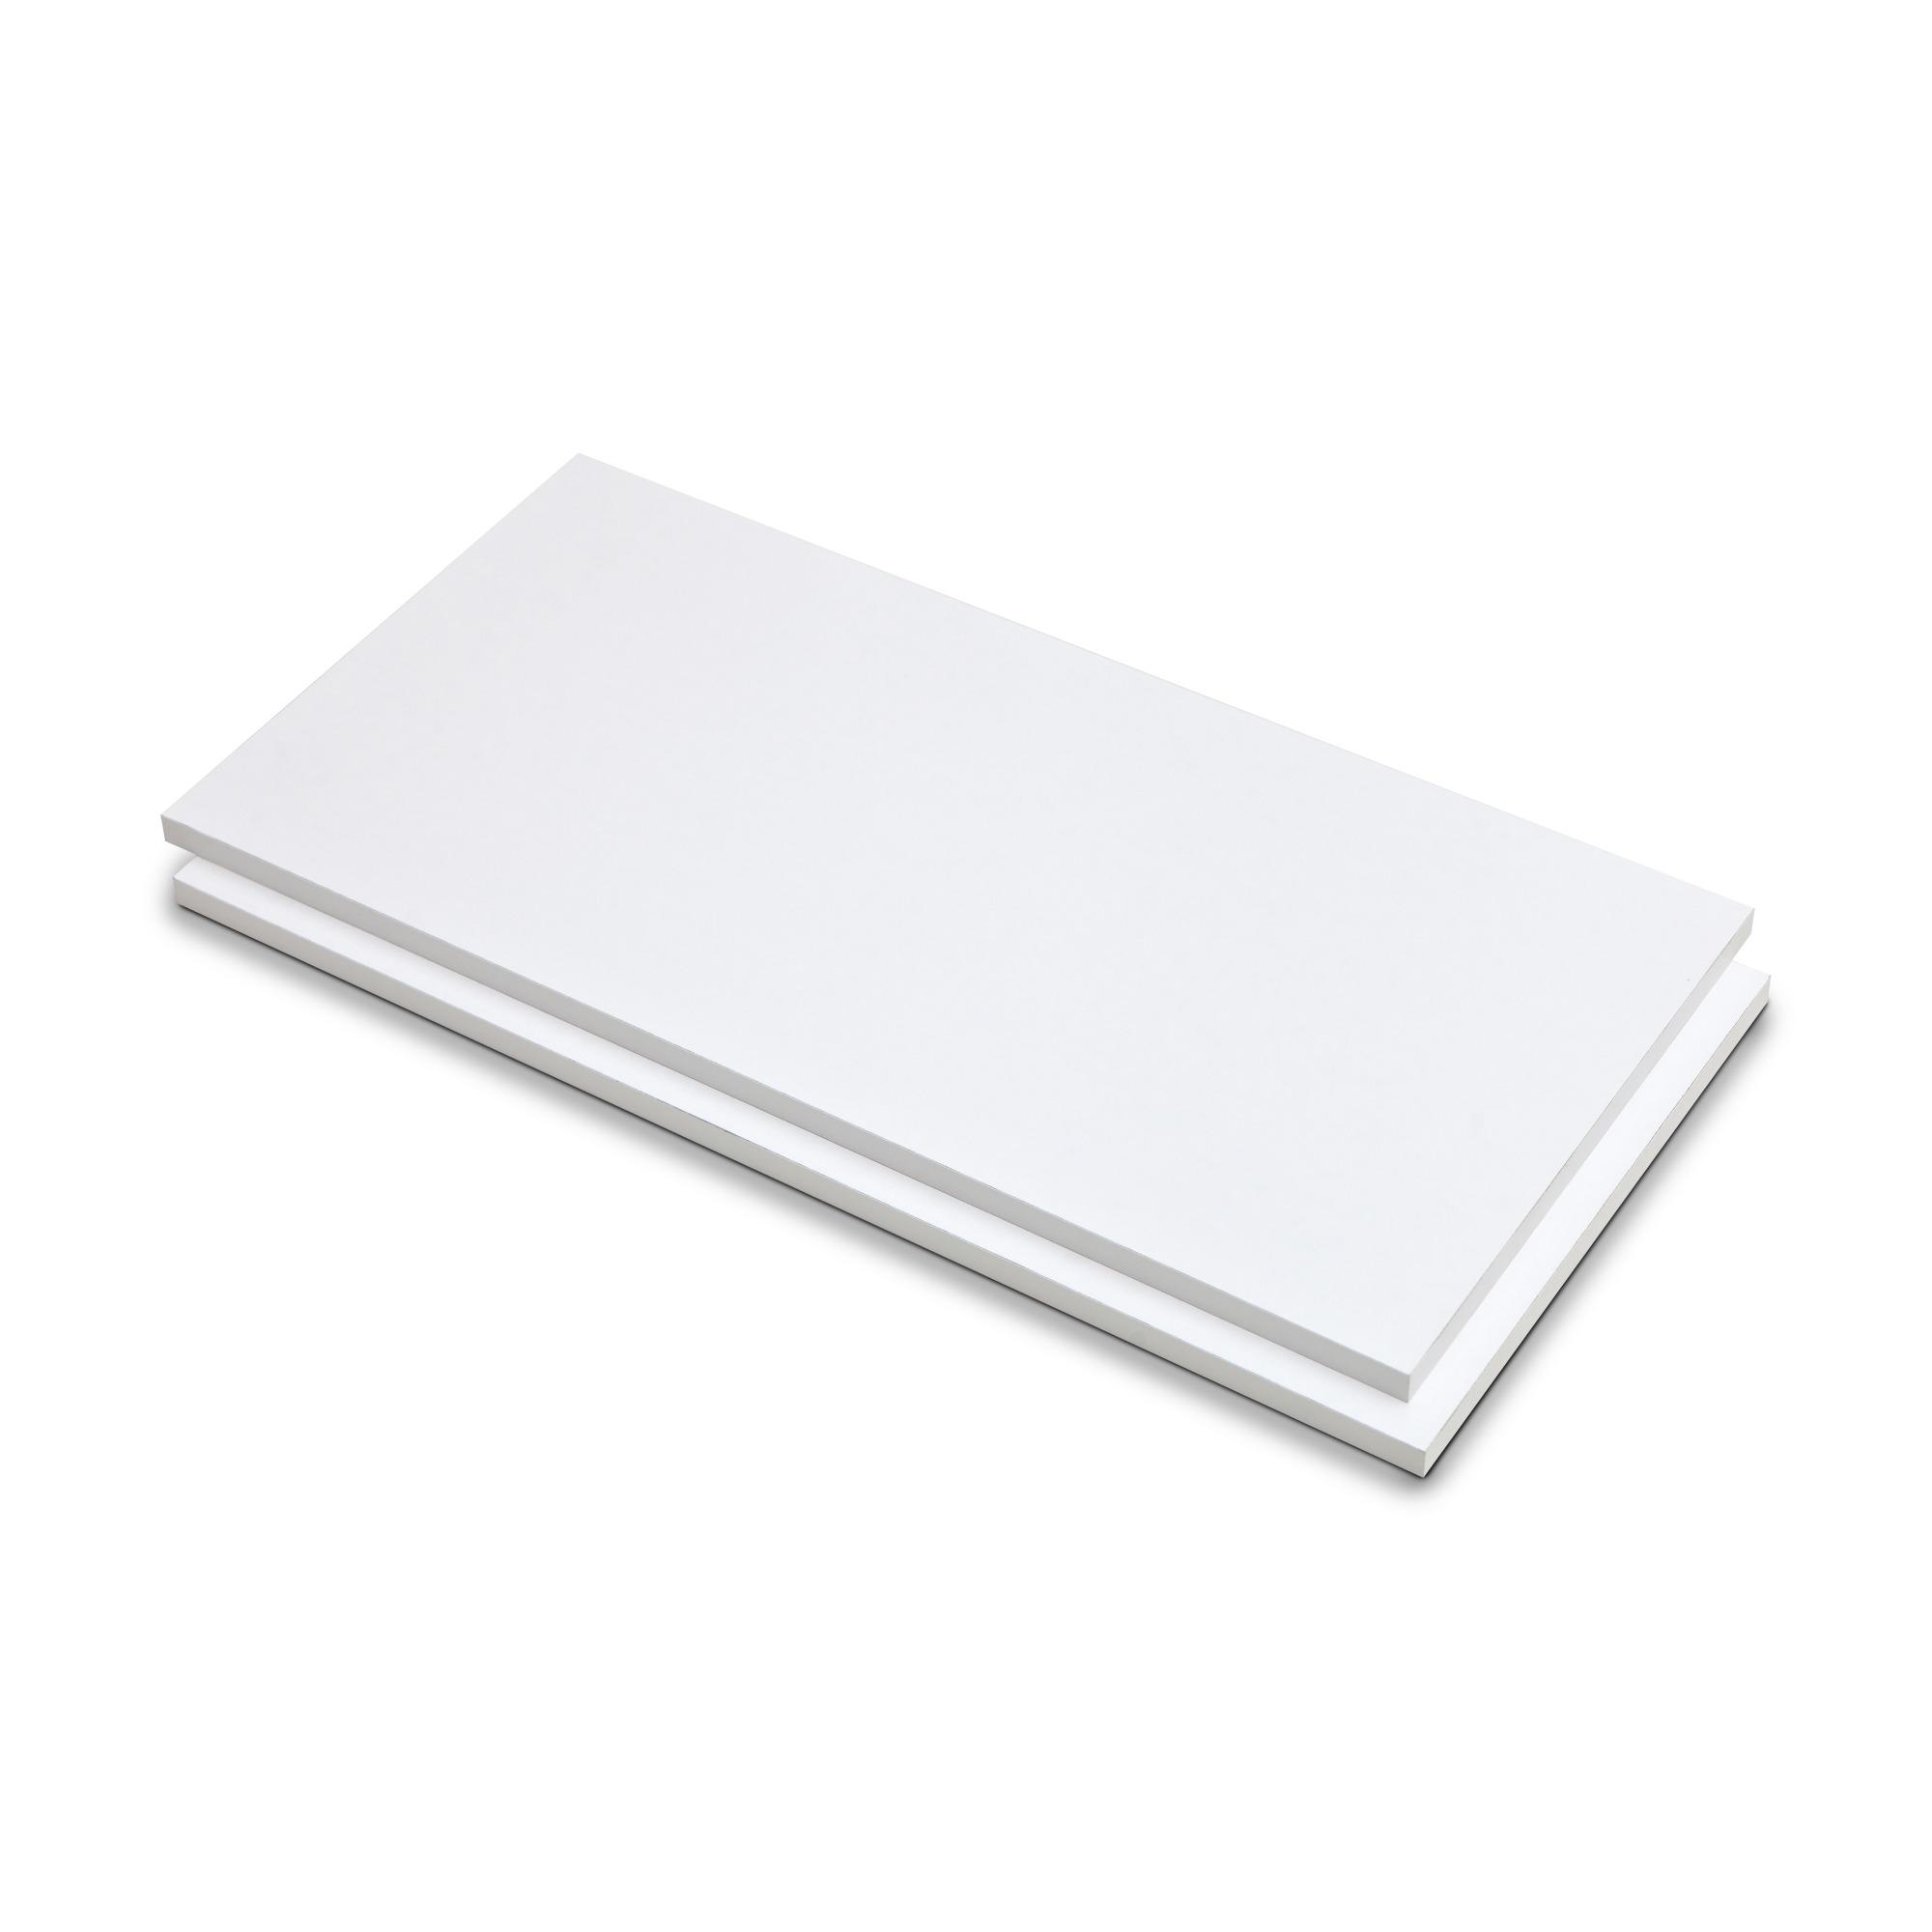 Prateleira de Madeira 30cm x 90cm Branco 605930 - Fico